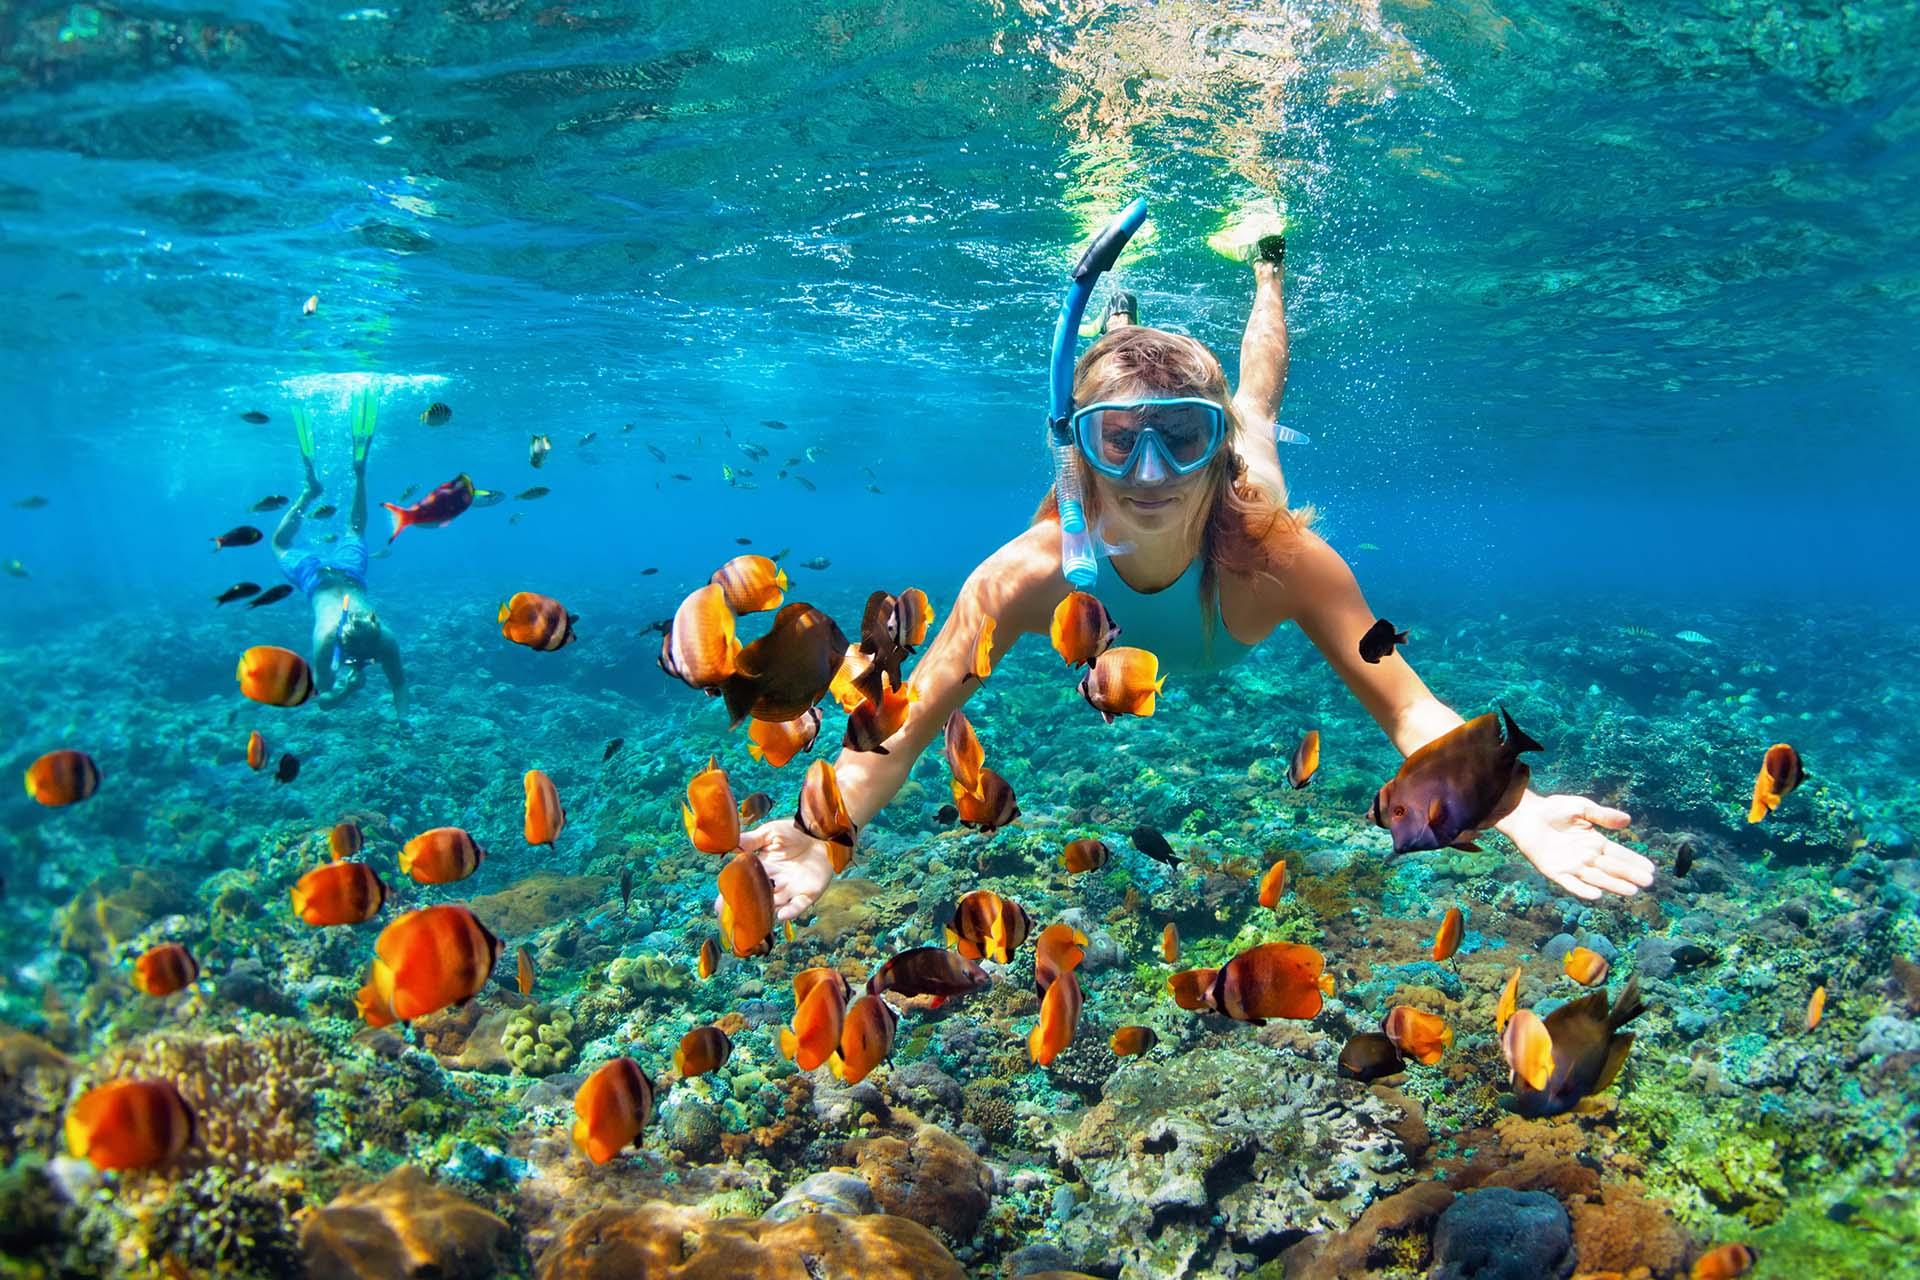 Arraial do Cabo, el Caribe brasilero ideal para practicar snorkel y buceo -  Infobae